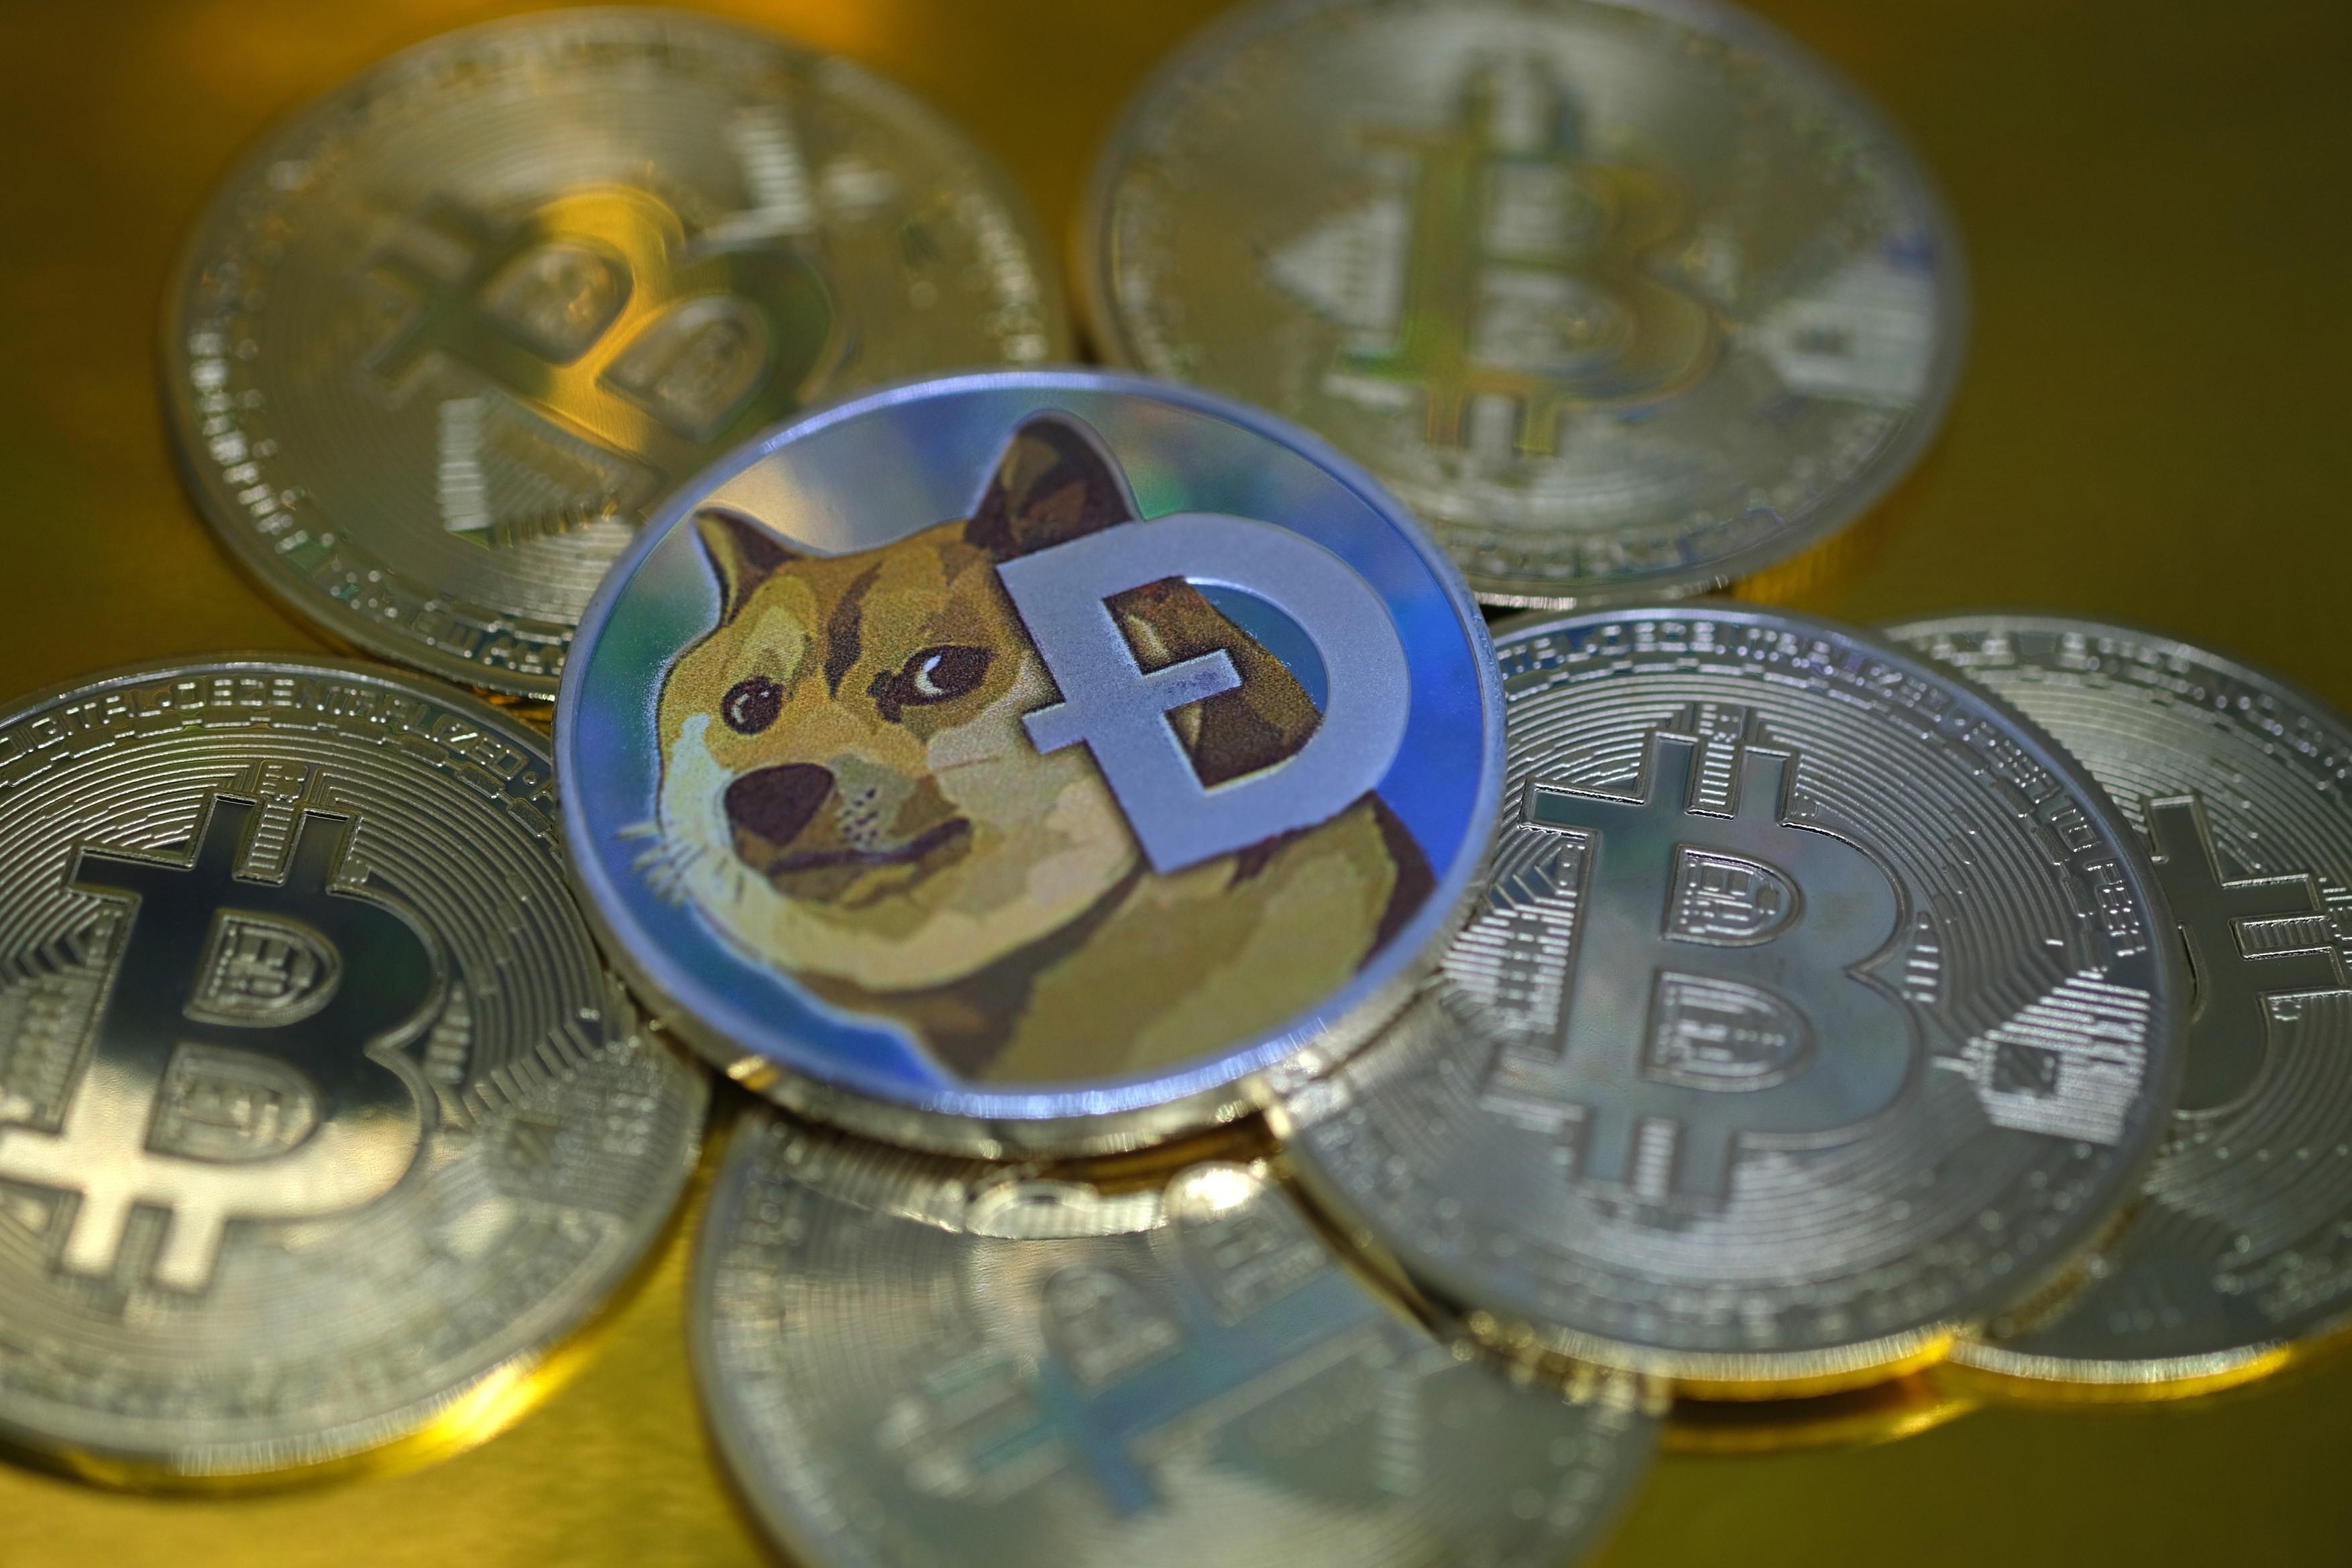 Co-fondatorul Dogecoin si-a vandut in 2015 toate monedele pentru a-si permite o Honda second-hand. Acum, Doge a depasit valoarea Honda